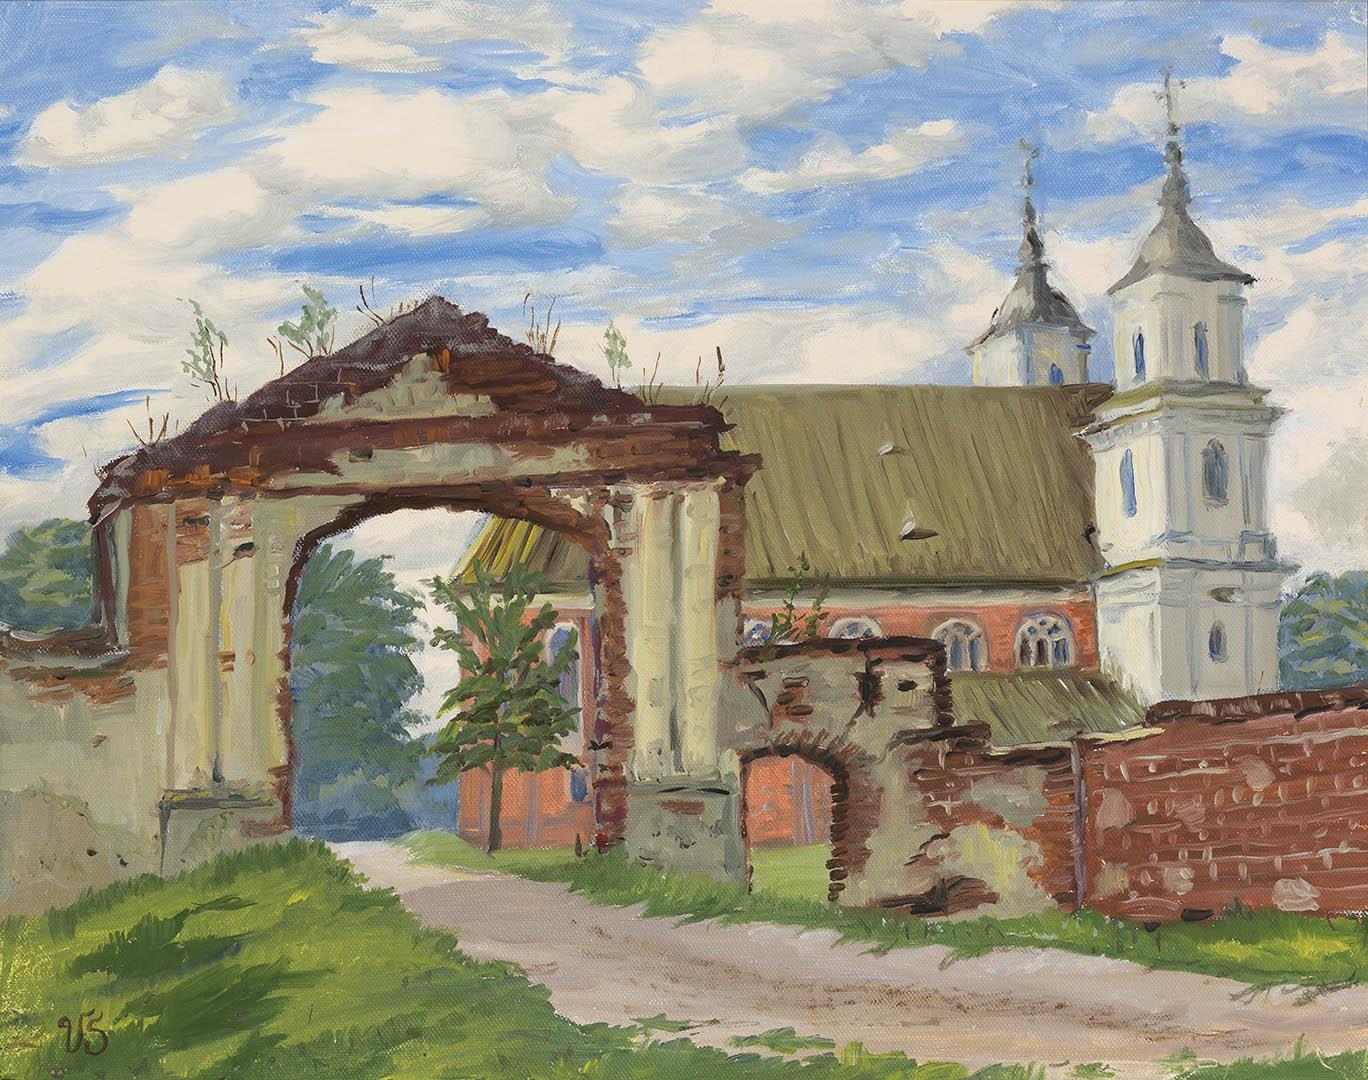 """Viktorija Jurgutienė. """"Tytuvėnų vienuolynas"""", 2018 m. Drobė, aliejus; 40,5 x 50 cm"""